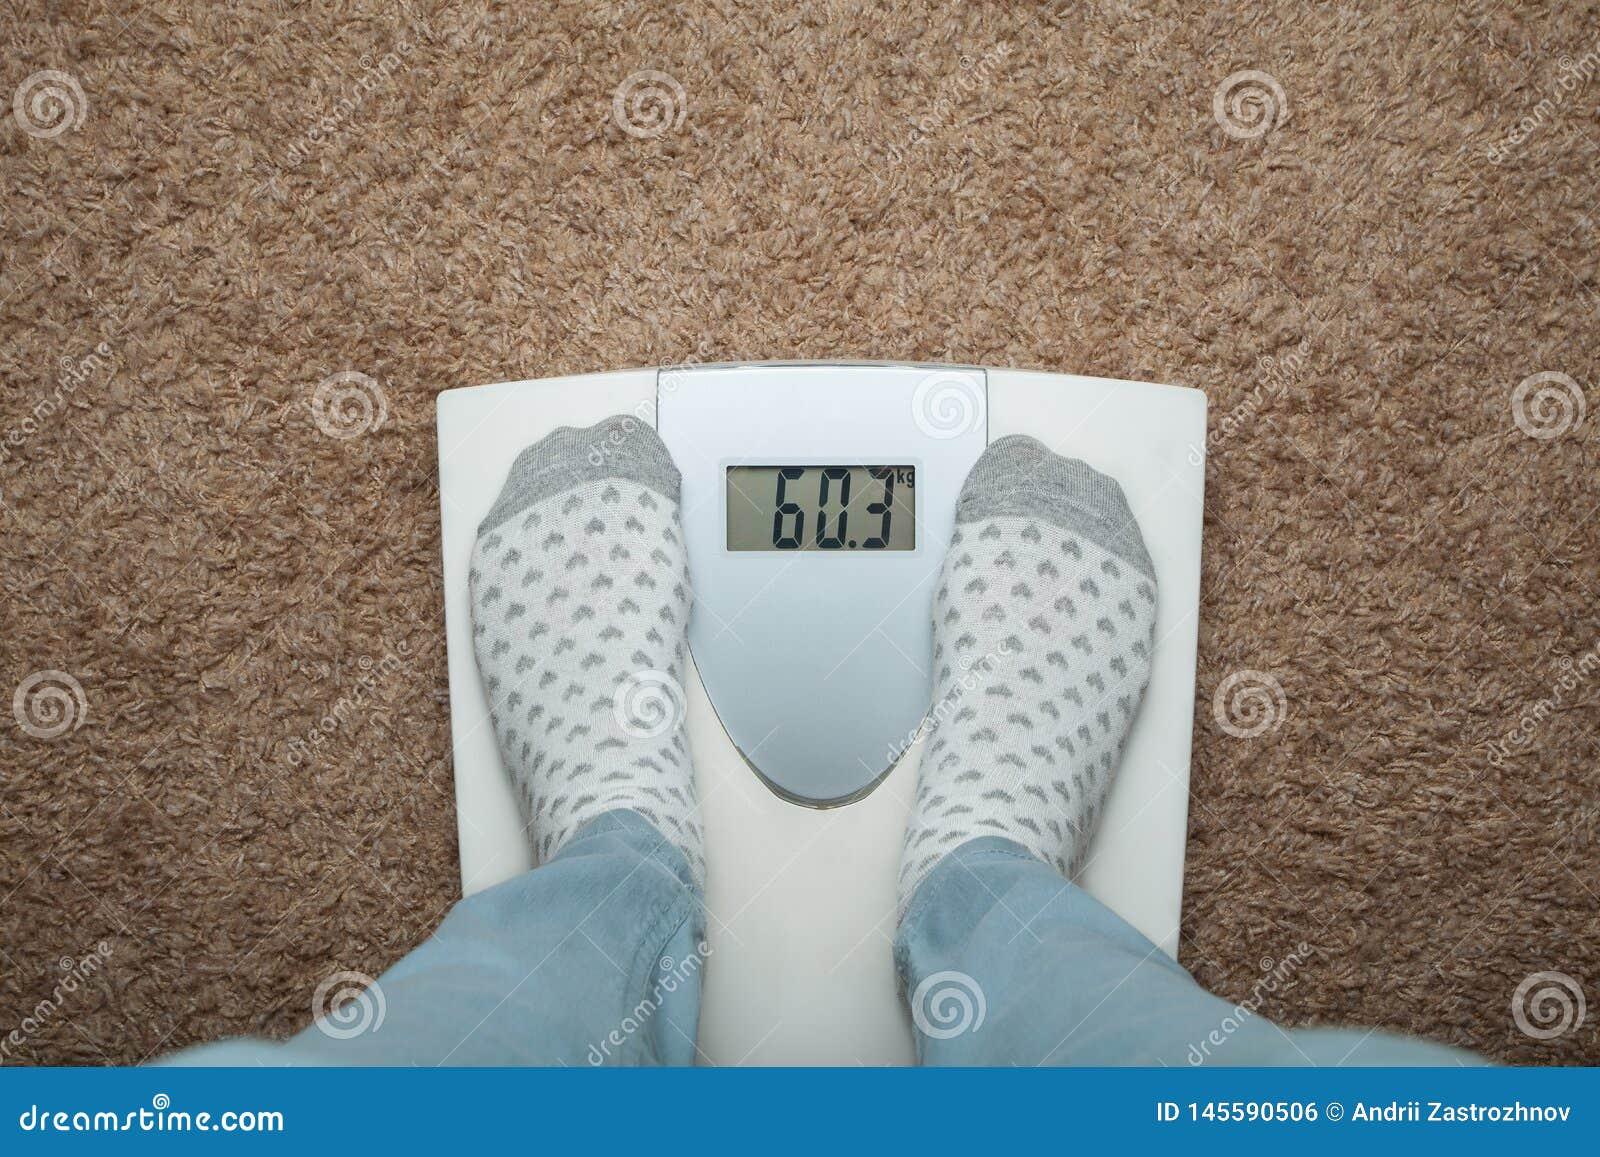 Piedi femminili in calzini sulle scale elettroniche Peso in eccesso e dieta